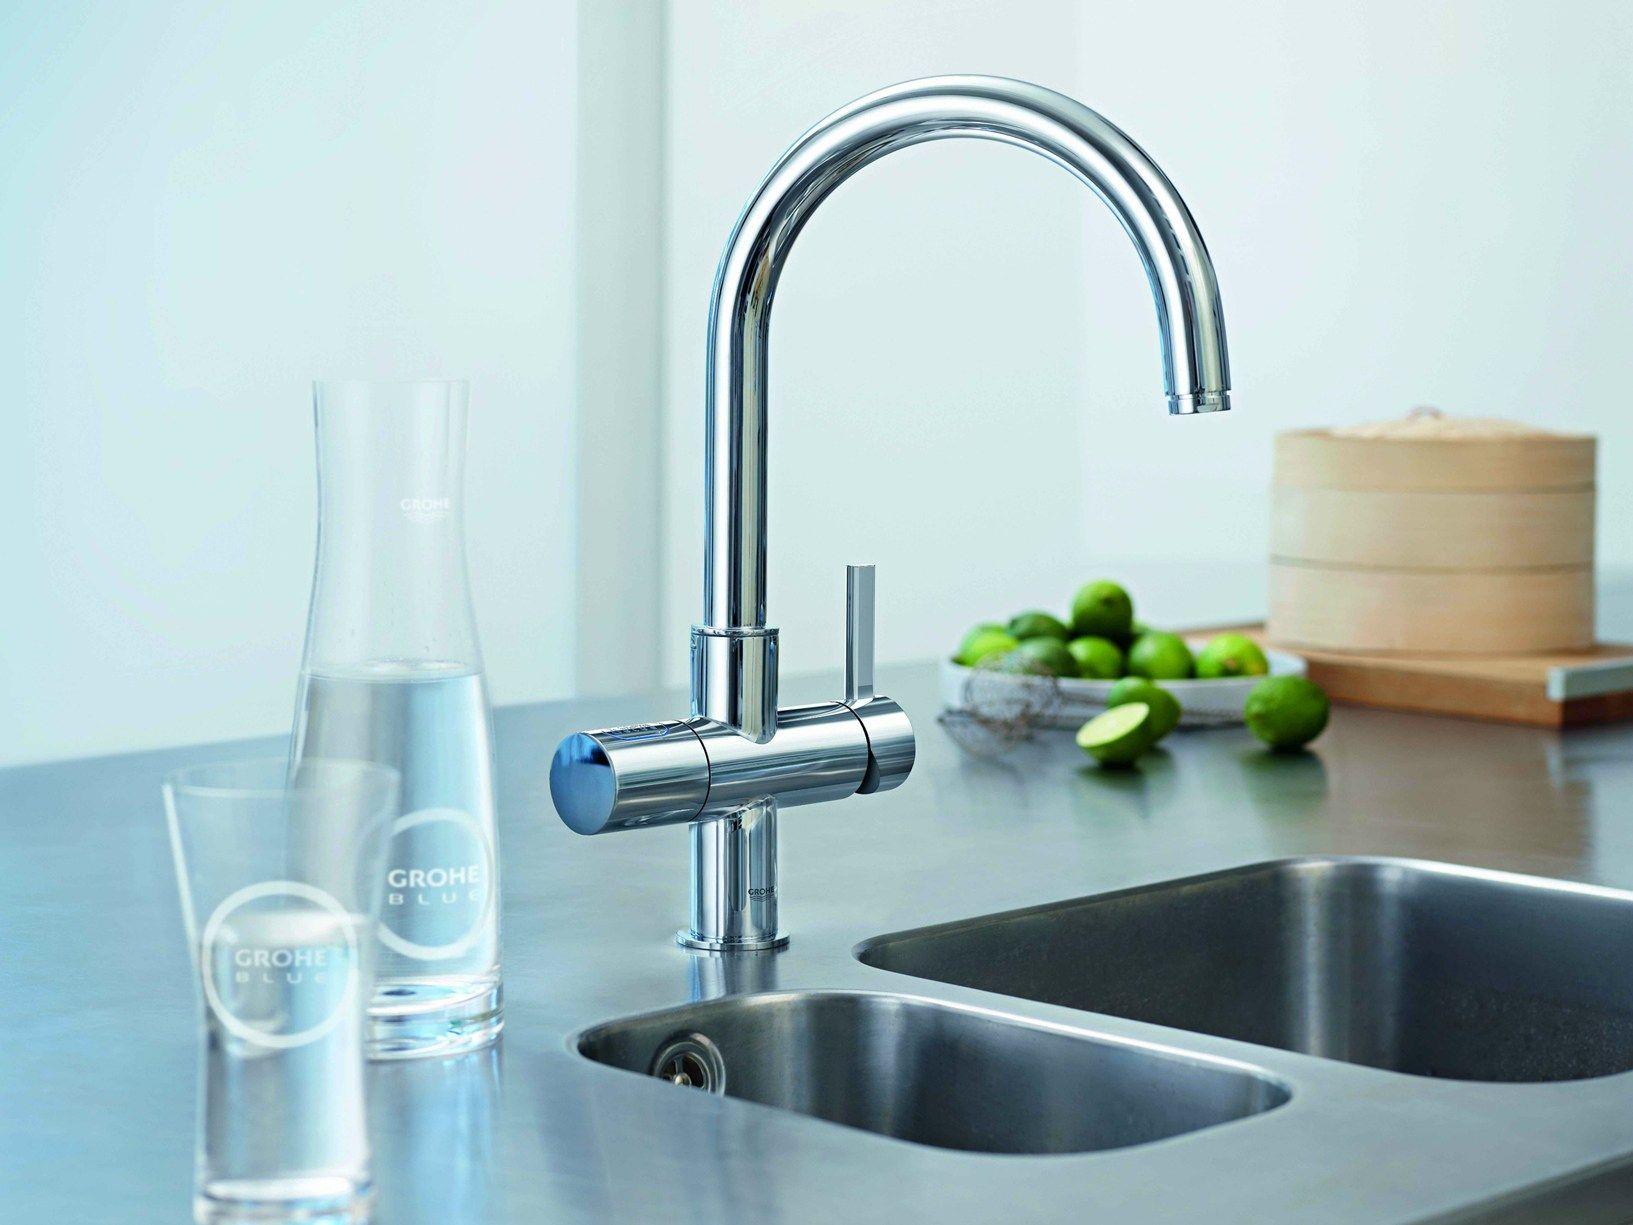 GROHE ed Aquafresh uniti dalla sostenibilità: ai nastri di partenza il concorso 'Chiudi il rubinetto e vinci'